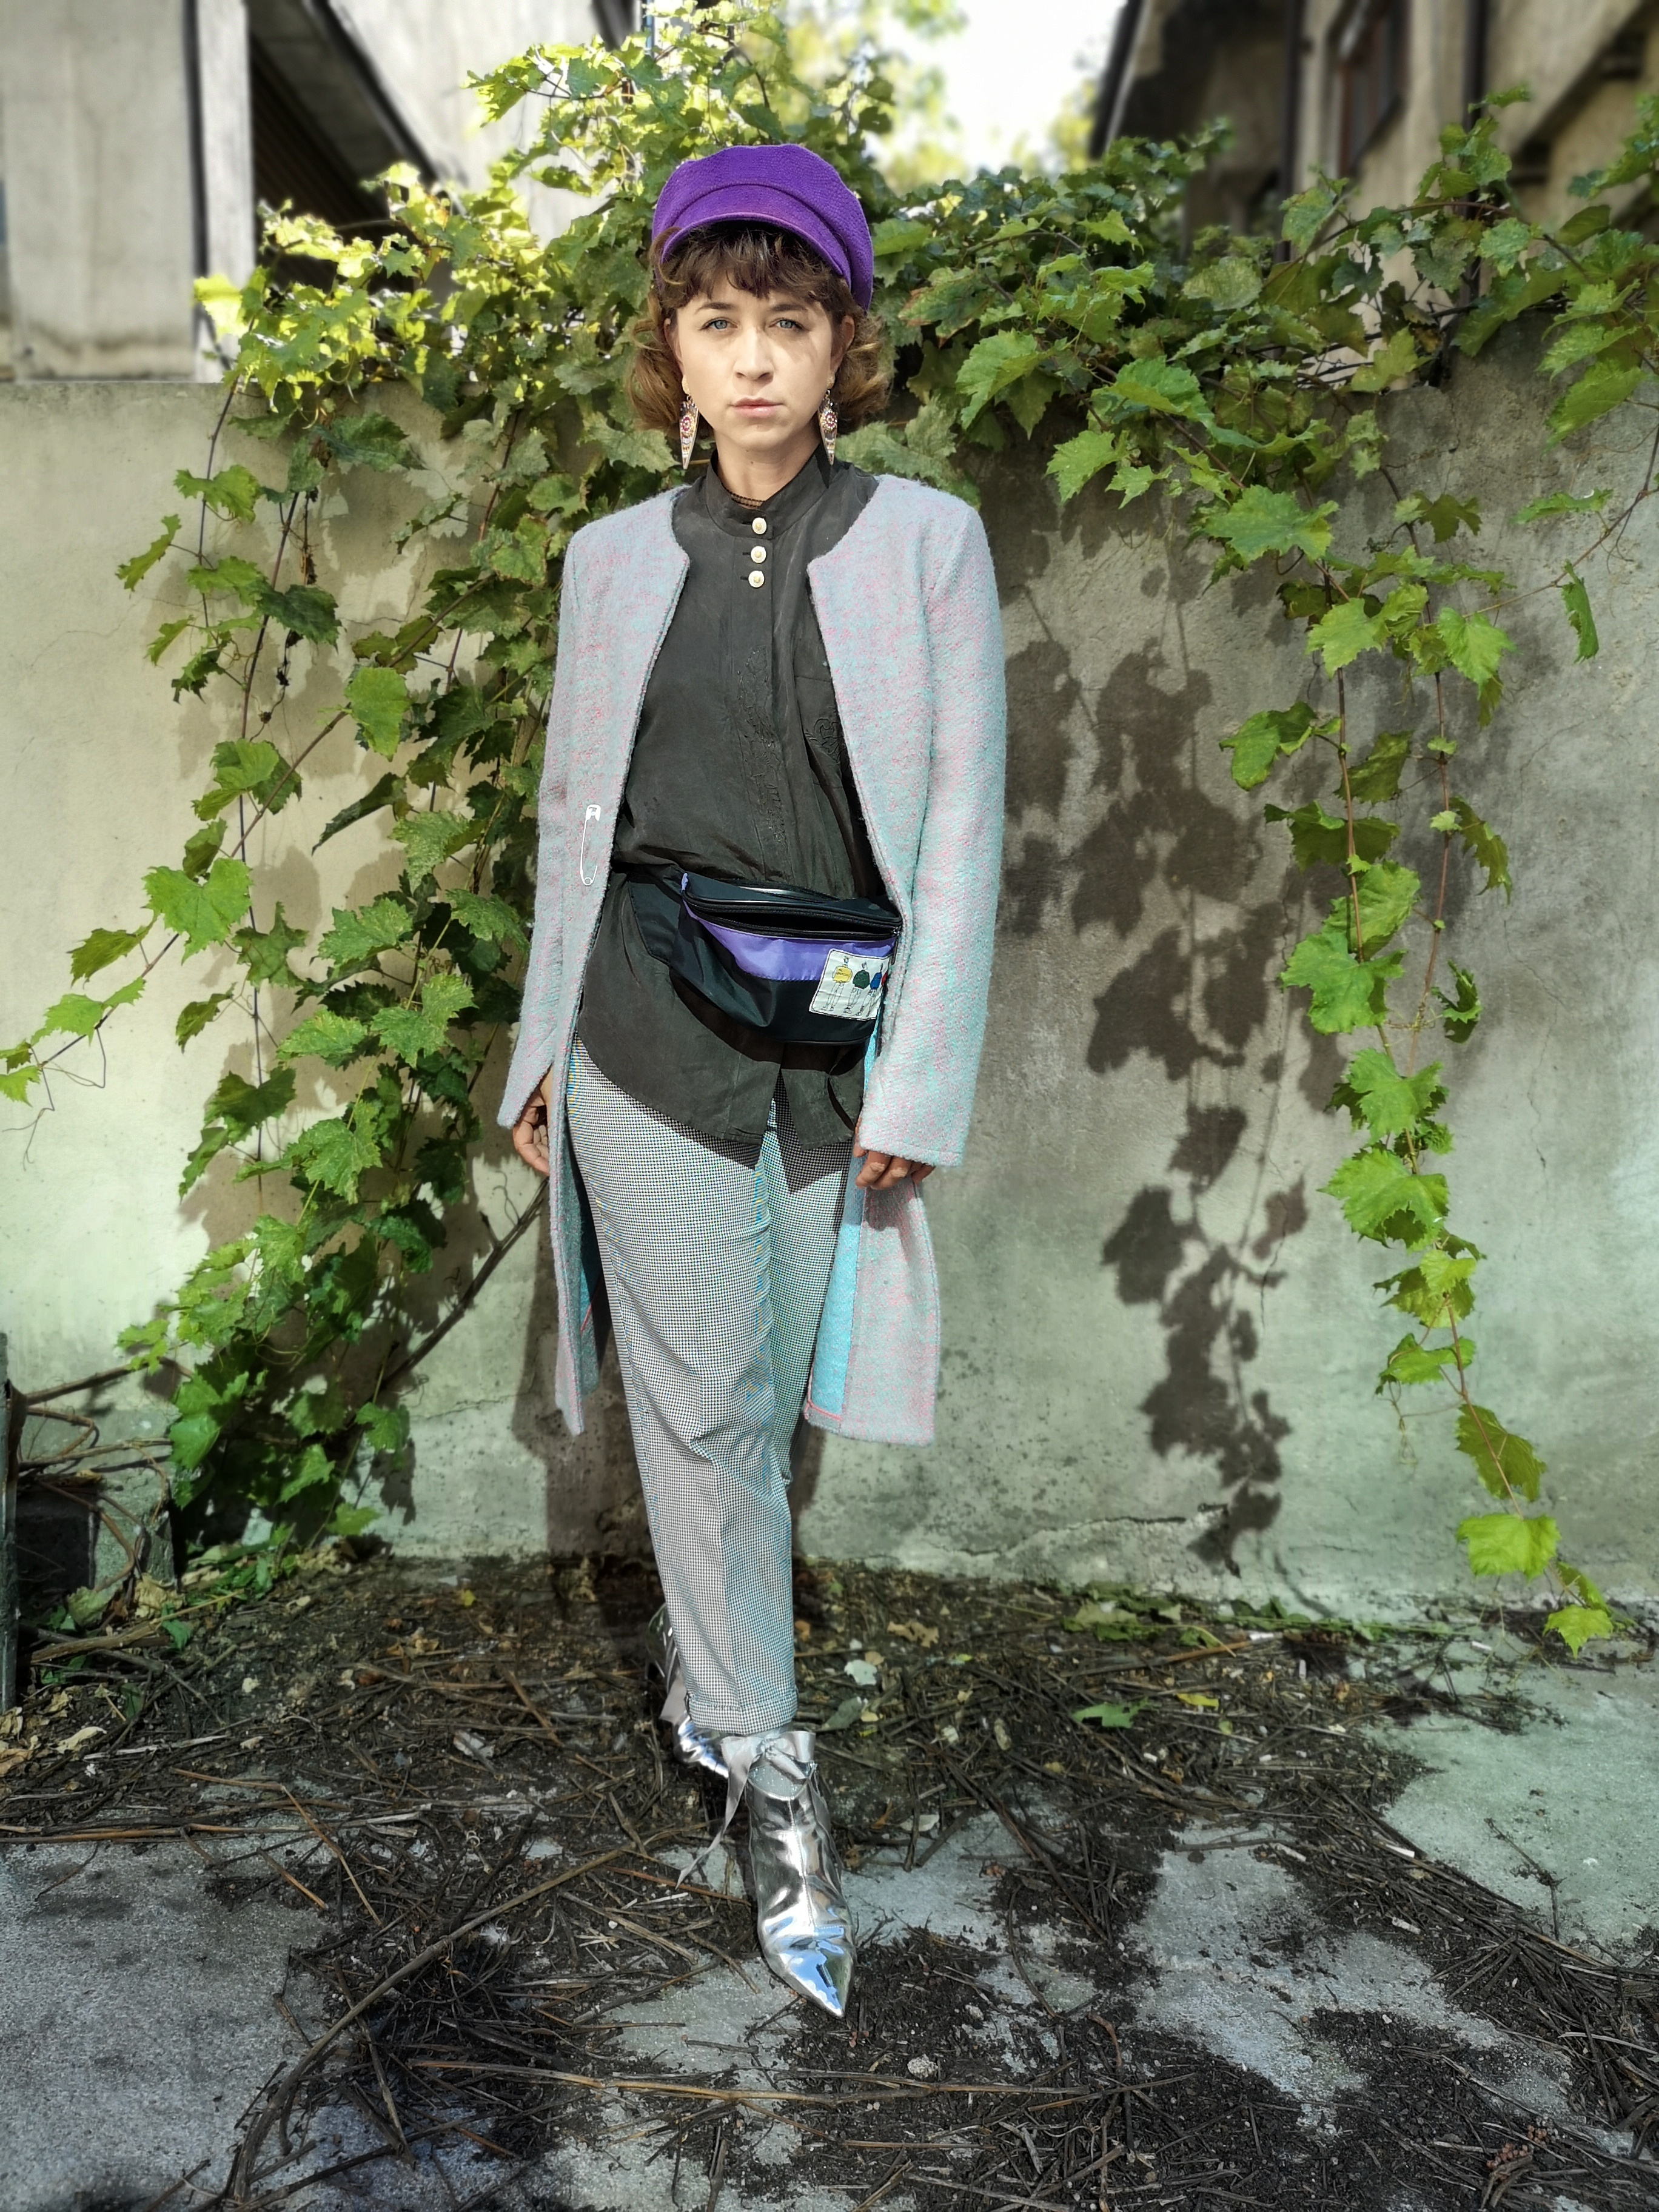 Interviu cu Ana Novic, creatoare de moda